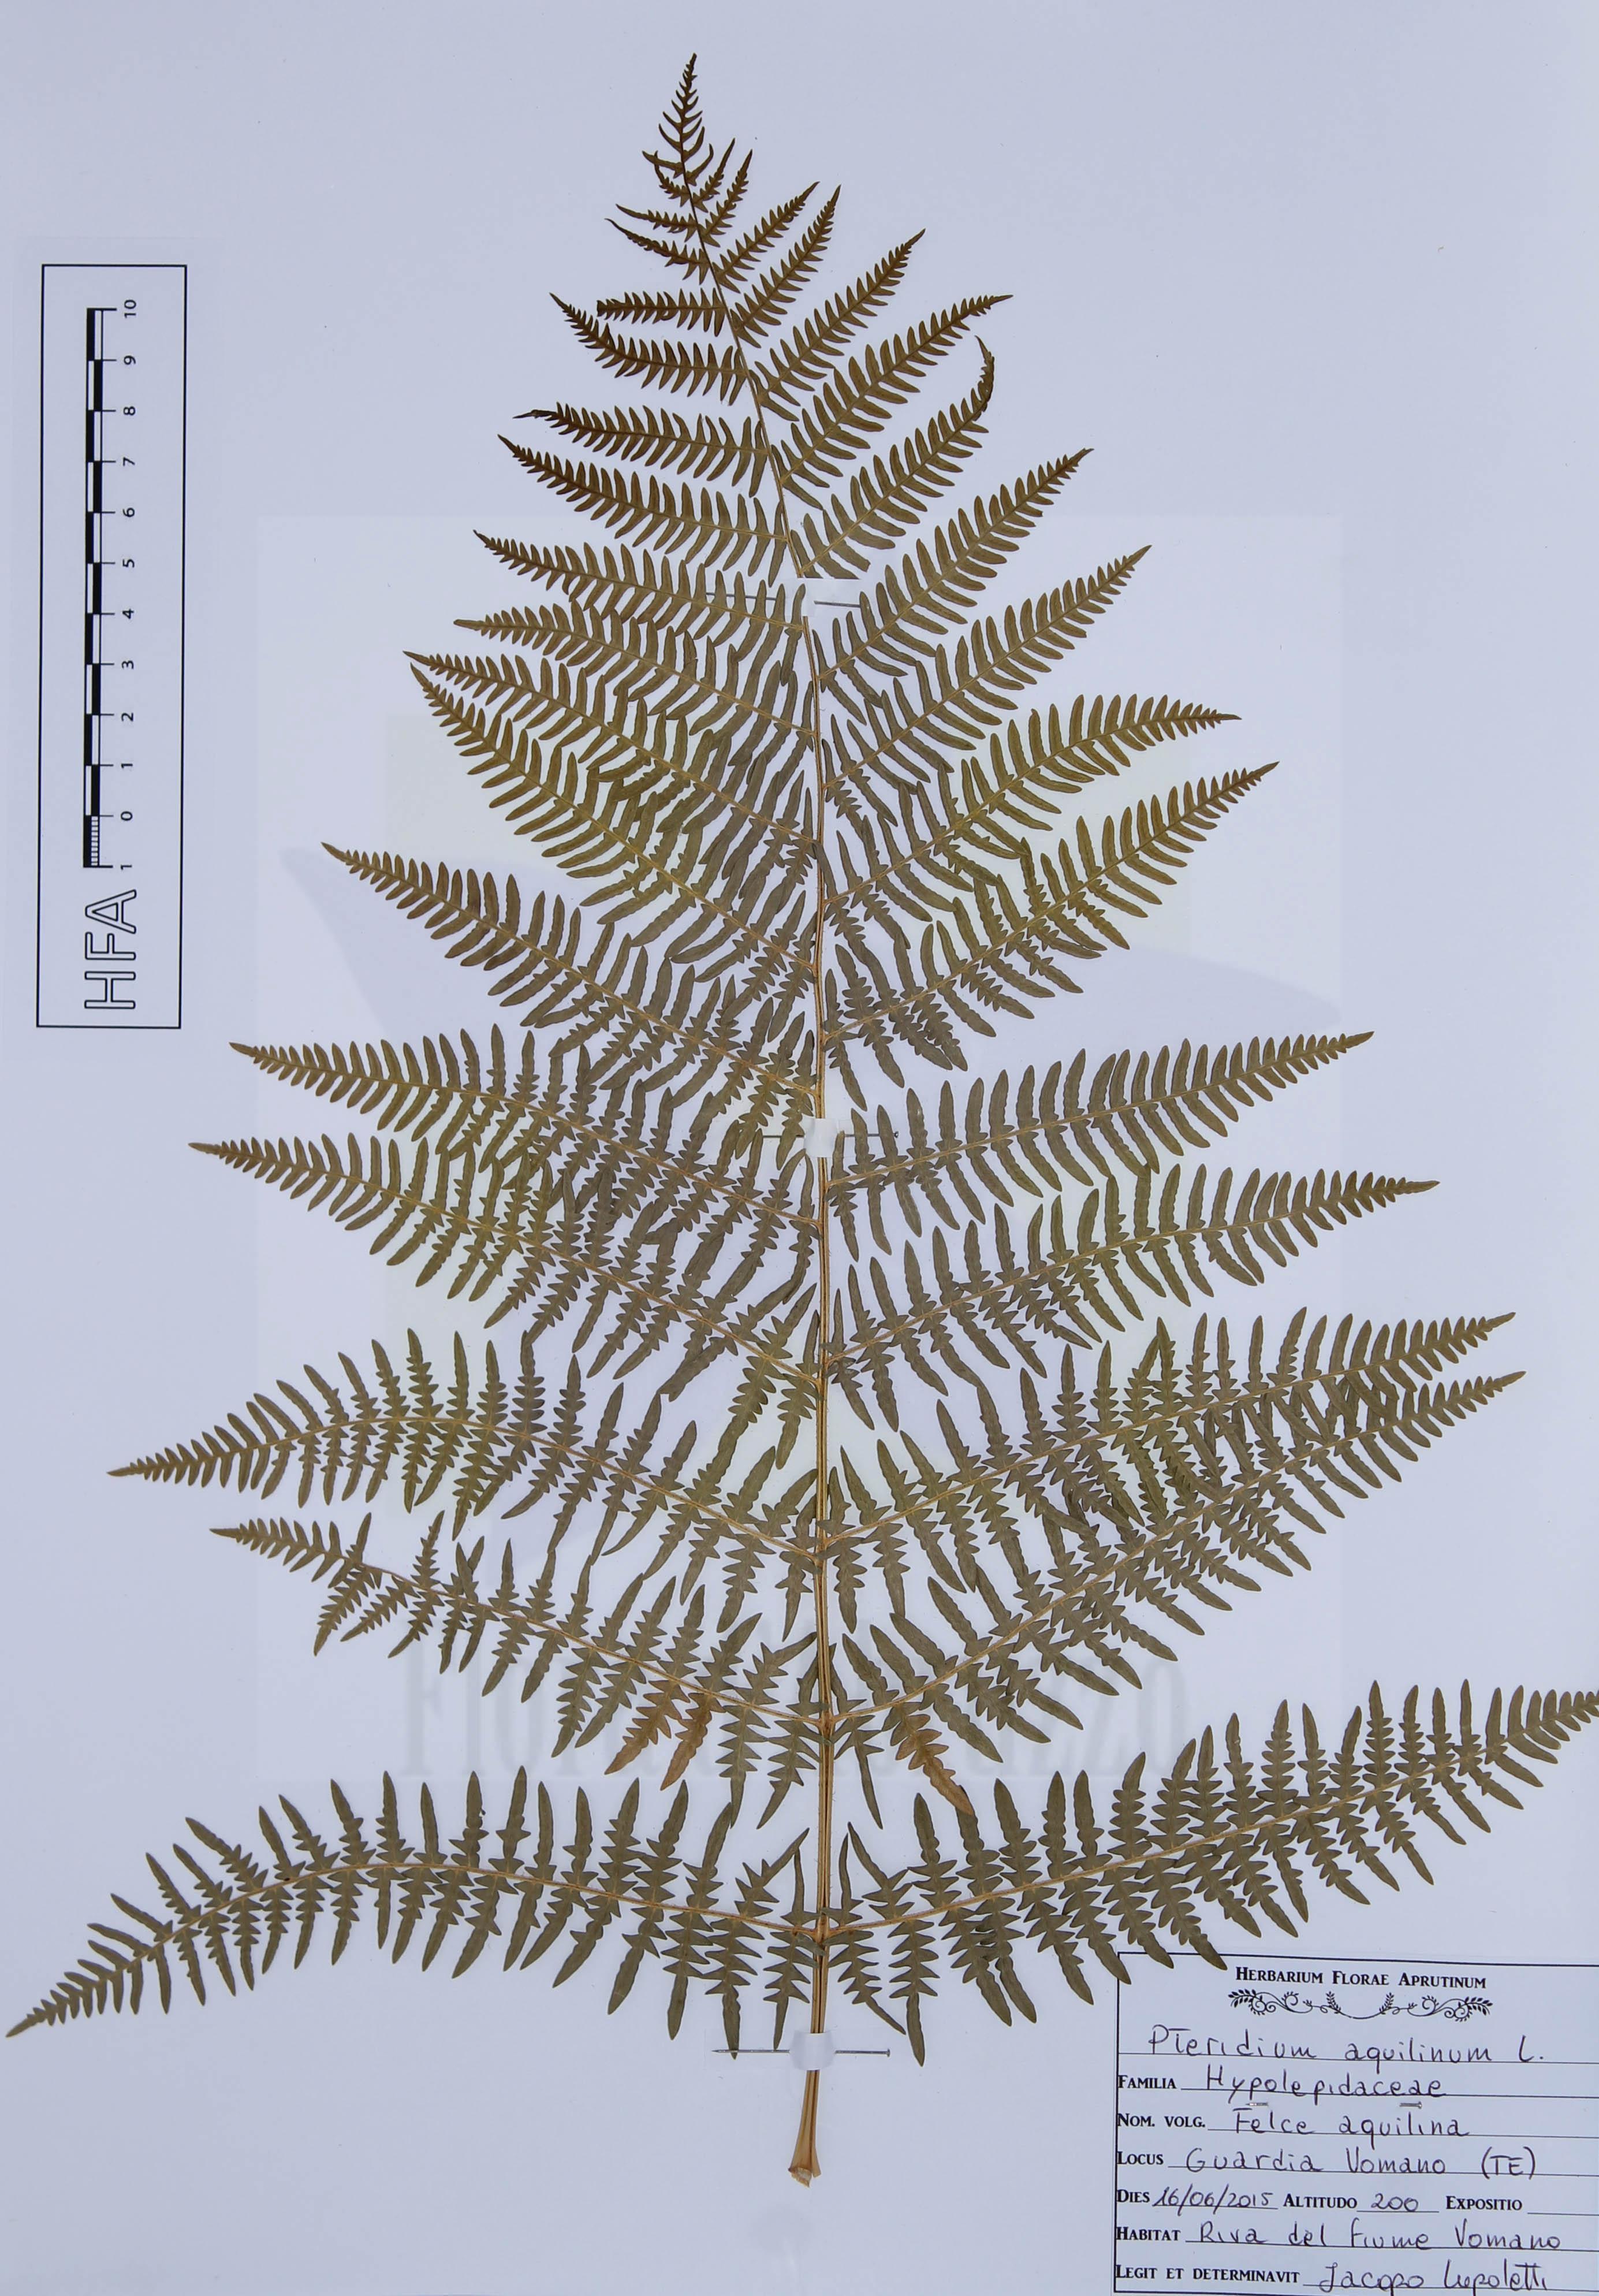 Pteridium aquilinum L.